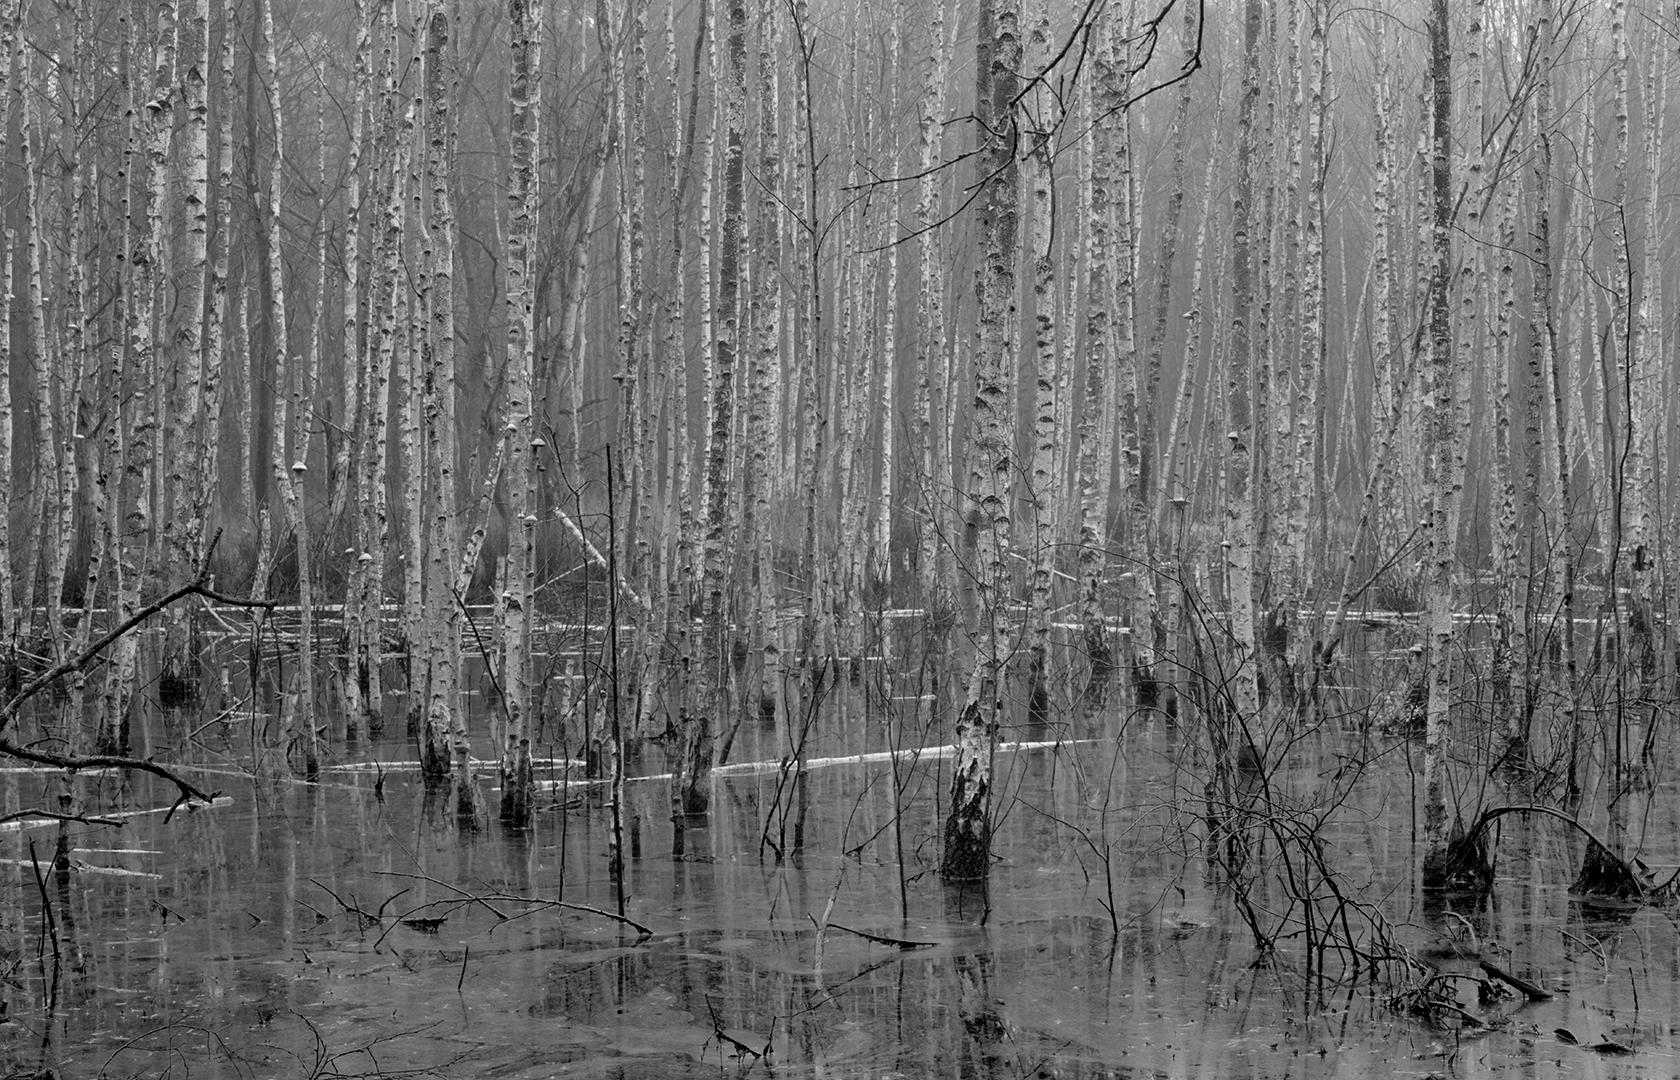 Brzoza w moich fotografiach, Czas szarości – Ols jesienny. Mazowiecki Park Krajobrazowy, jesień 2013, Linhof Super Technika V + Nikkor-W 180/f5.6 @ ILFORD FP4+, Rodinal 1+50, brzoza, brzezina